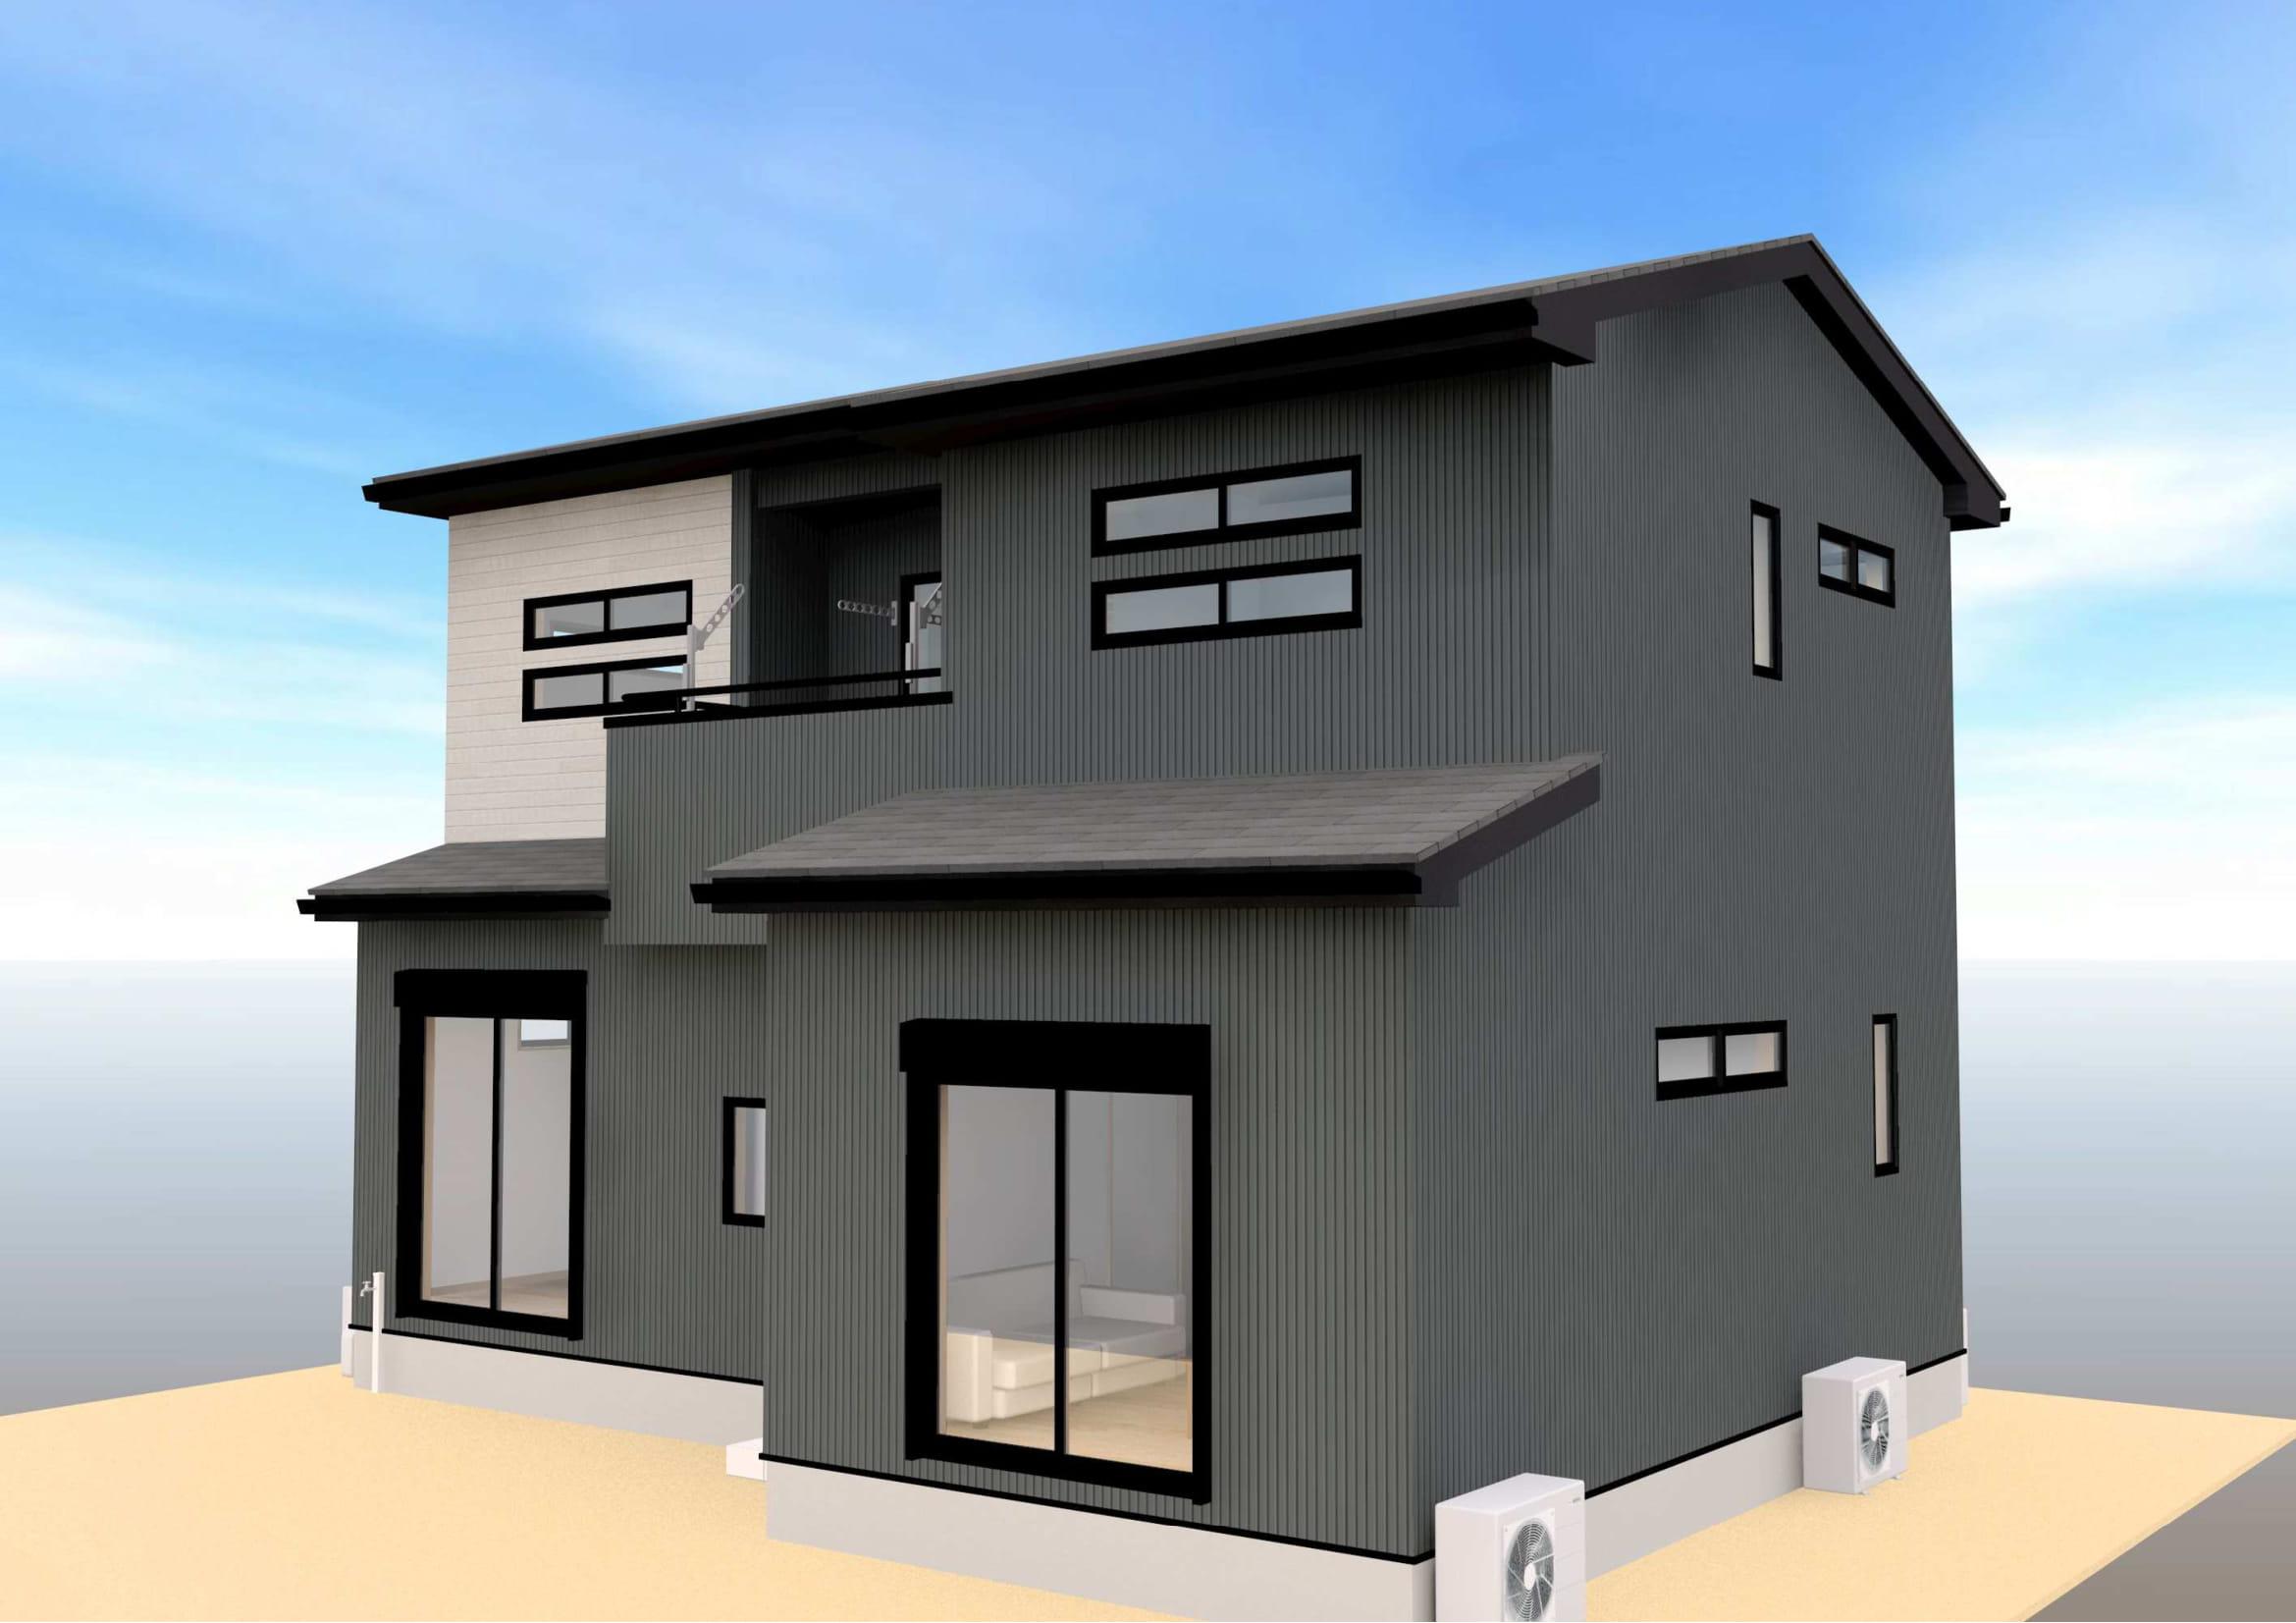 完成イメージ図③。外壁はブラックを中心とした落ち着きのある外観です。